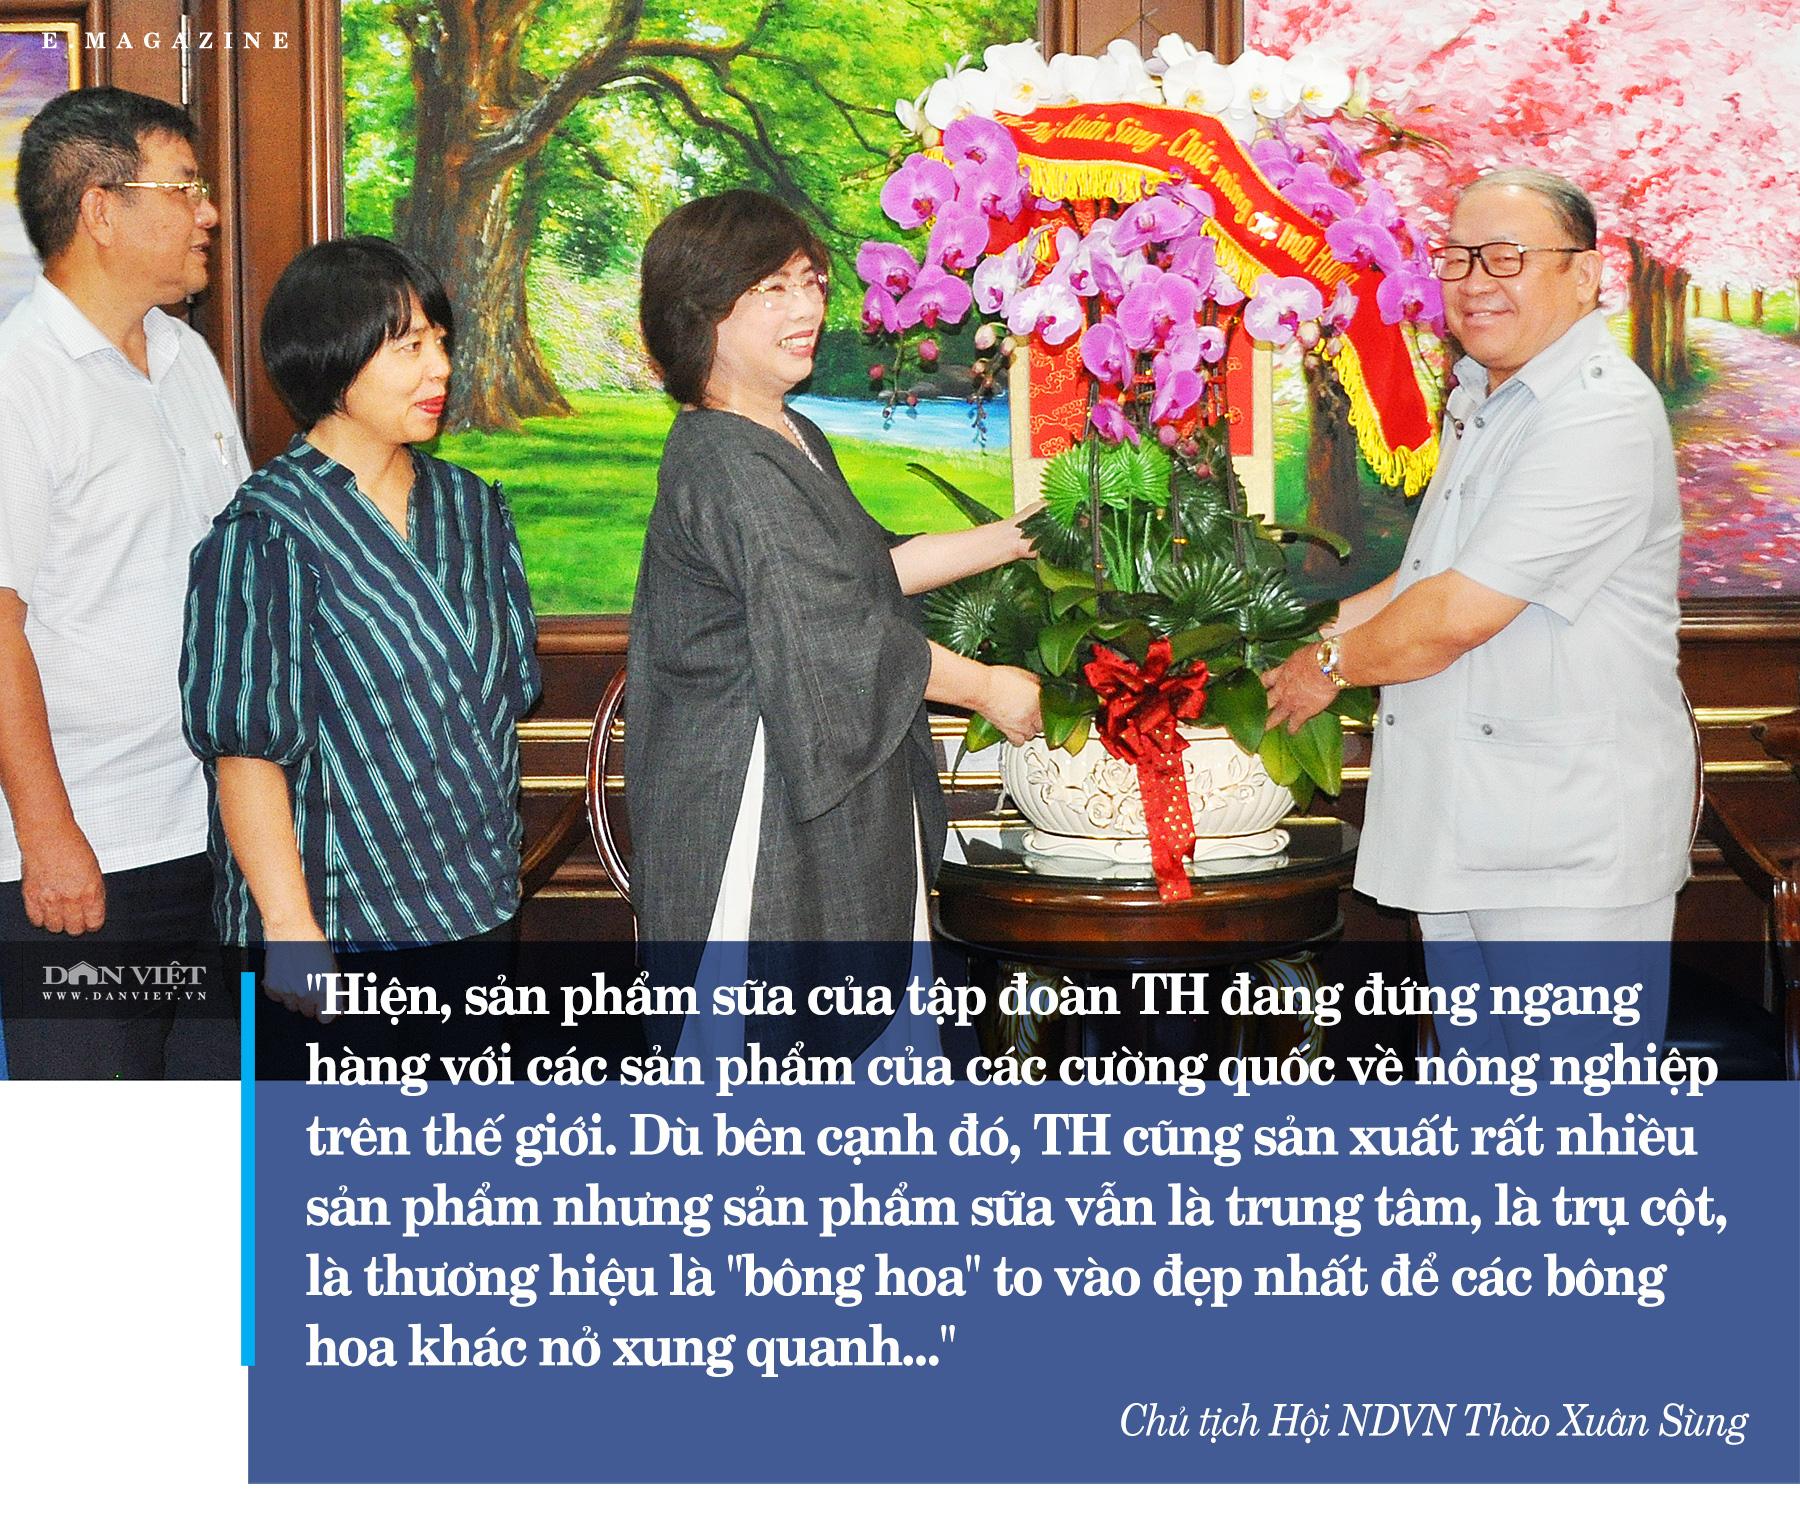 """Chủ tịch Hội Nông dân Việt Nam: Tập đoàn TH như """"chim đại bàng"""" đang vươn cánh ra thế giới - Ảnh 20."""